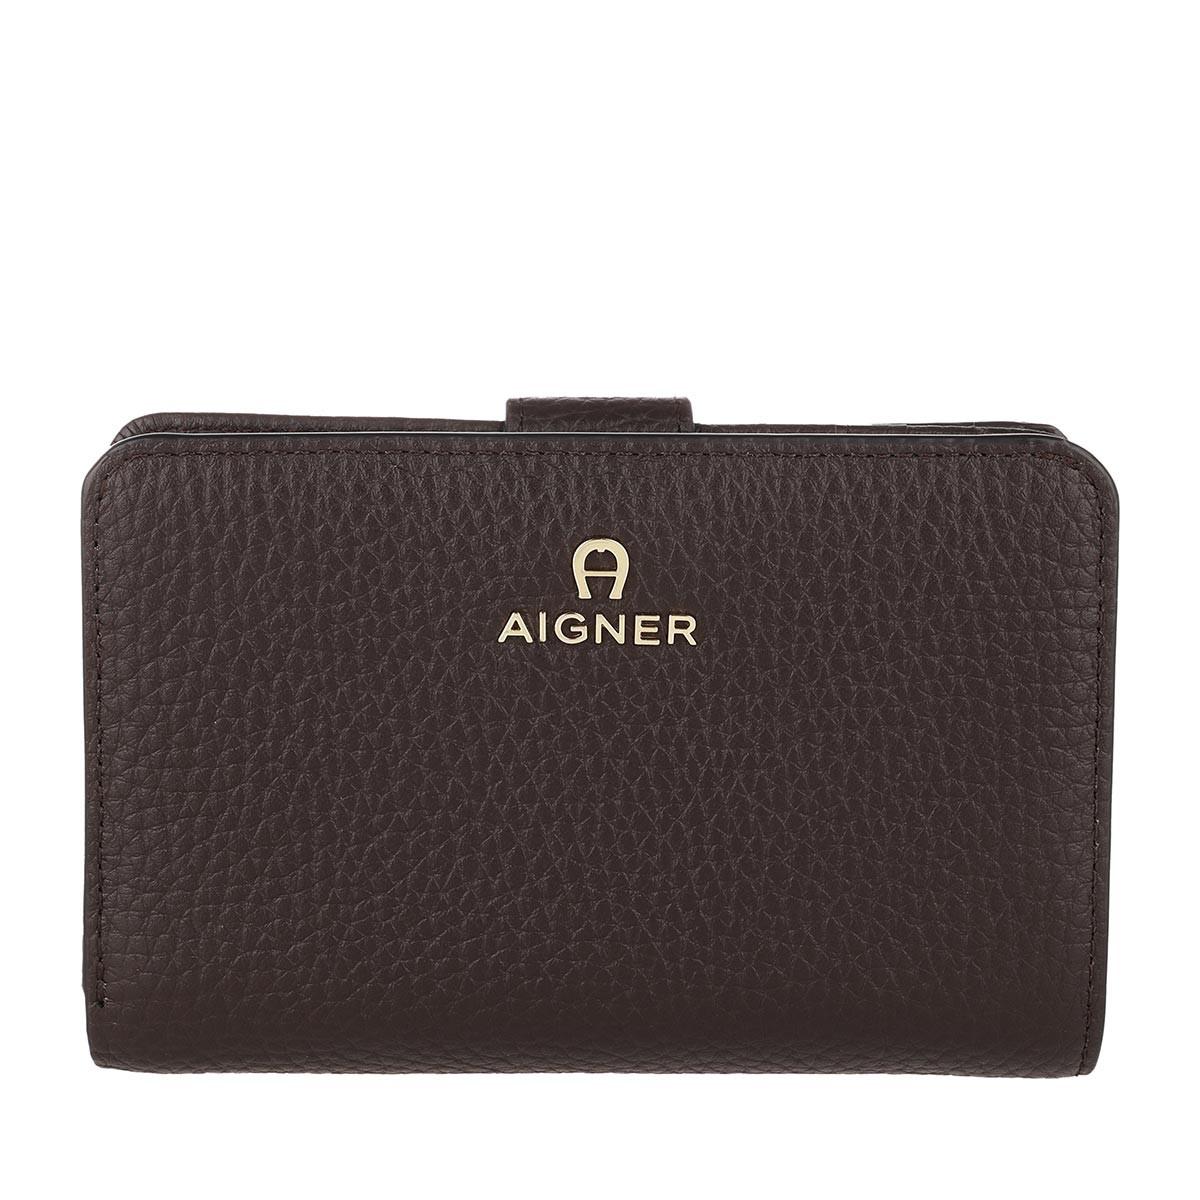 Aigner Portemonnaie - Ivy Trifold Wallet Java Brown - in braun - für Damen